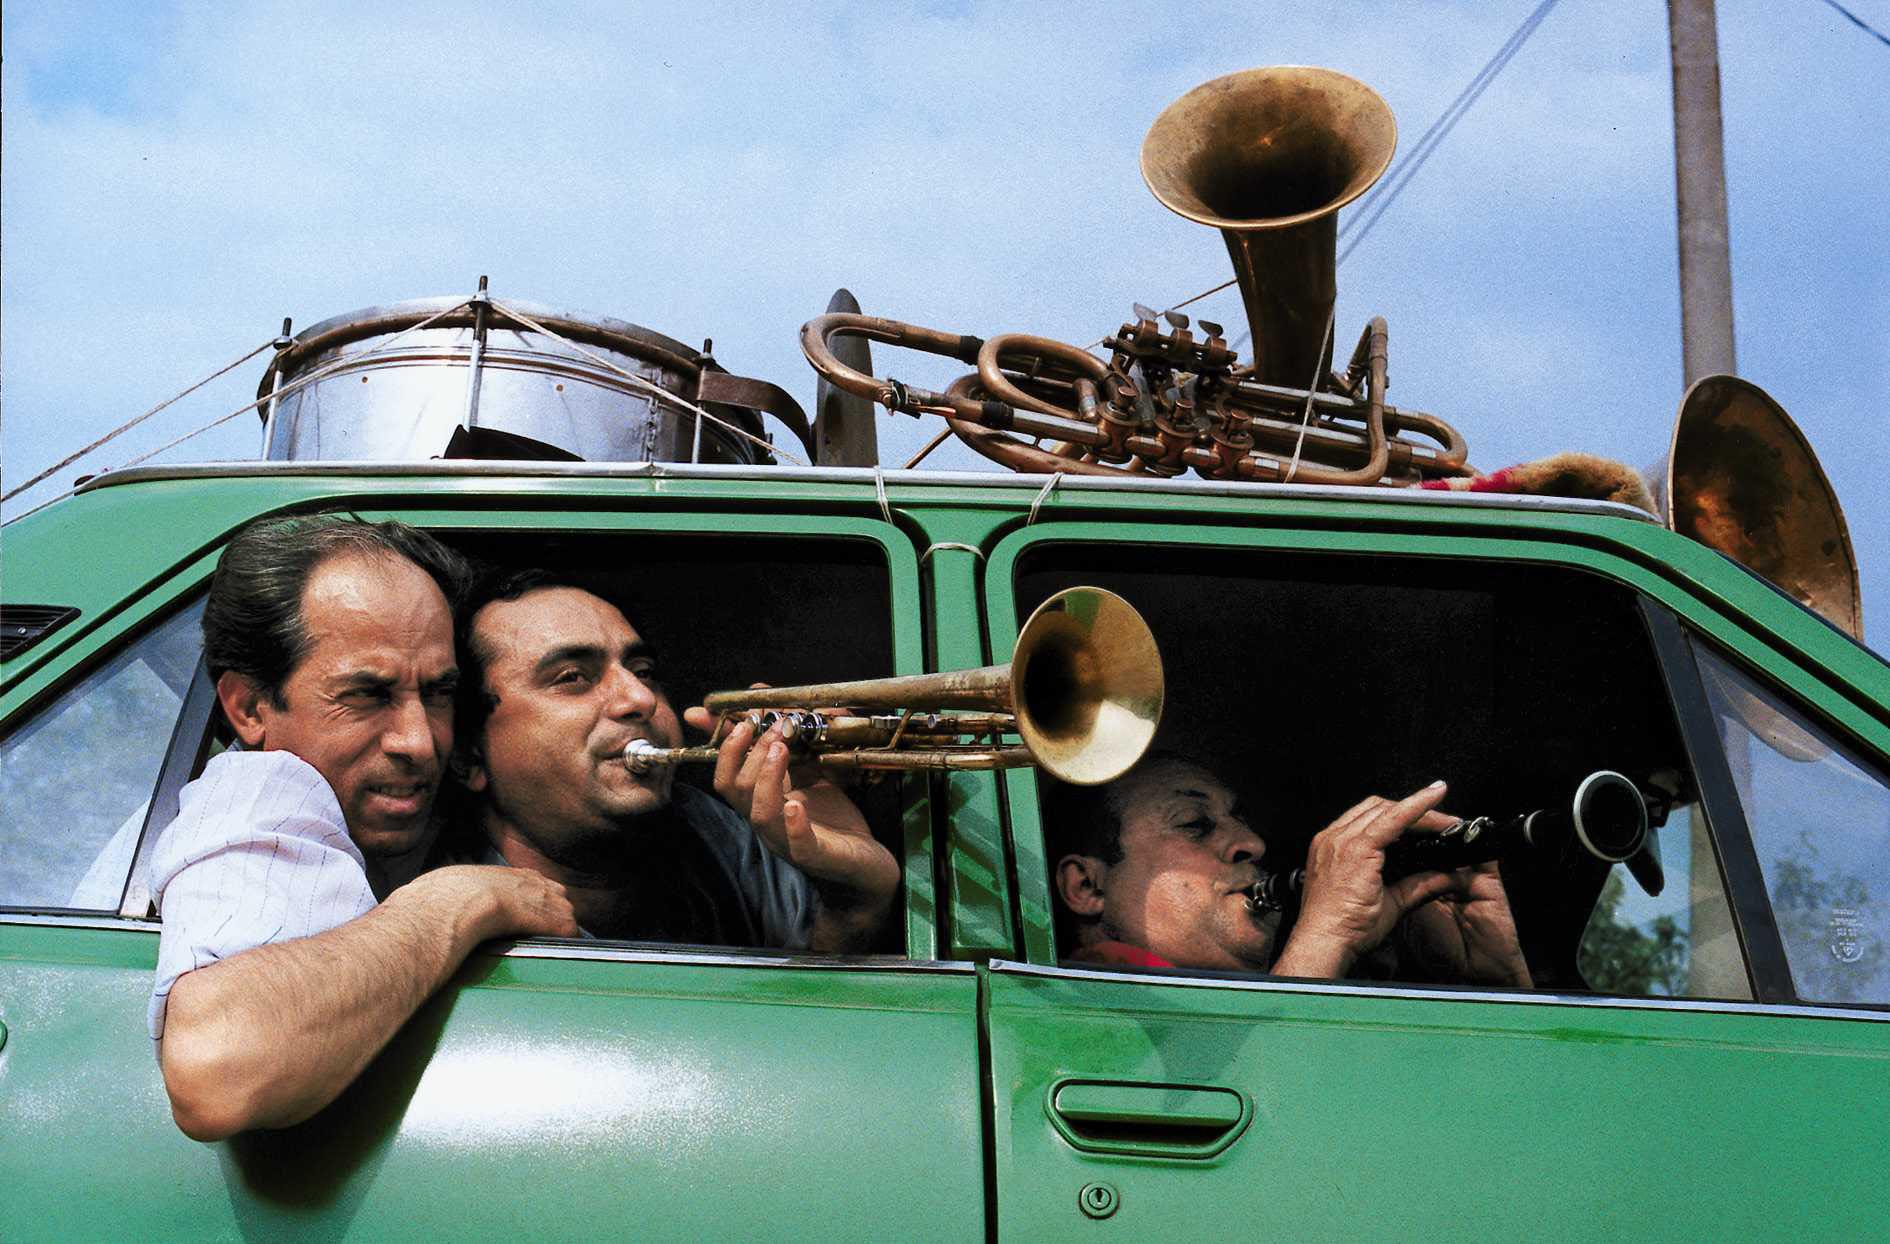 balkan festival plovdiv